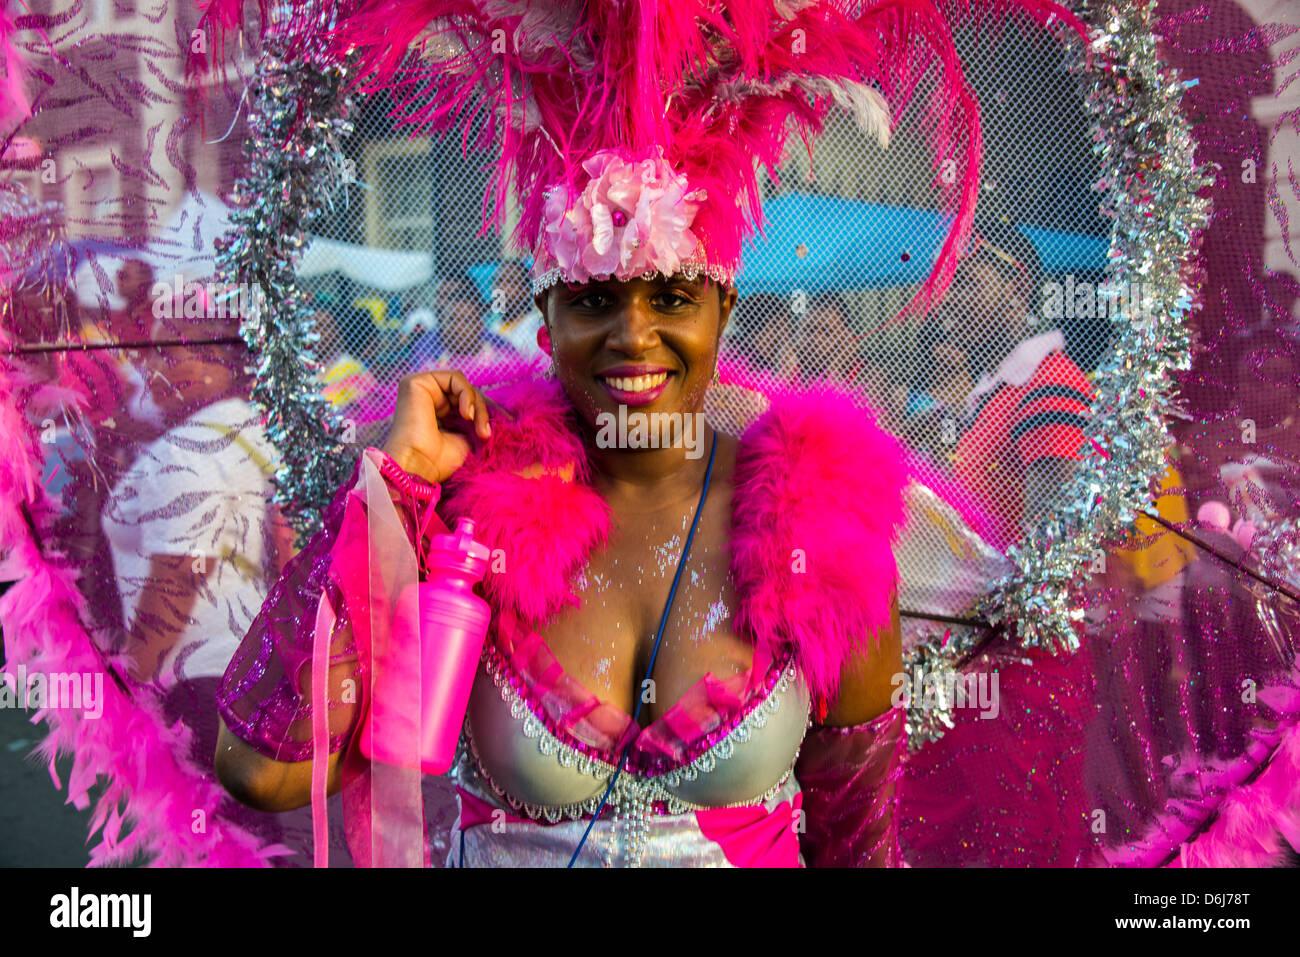 Carnaval à Basseterre, Saint Kitts, Saint Kitts et Nevis, Iles sous le vent, Antilles, Caraïbes, Amérique Photo Stock